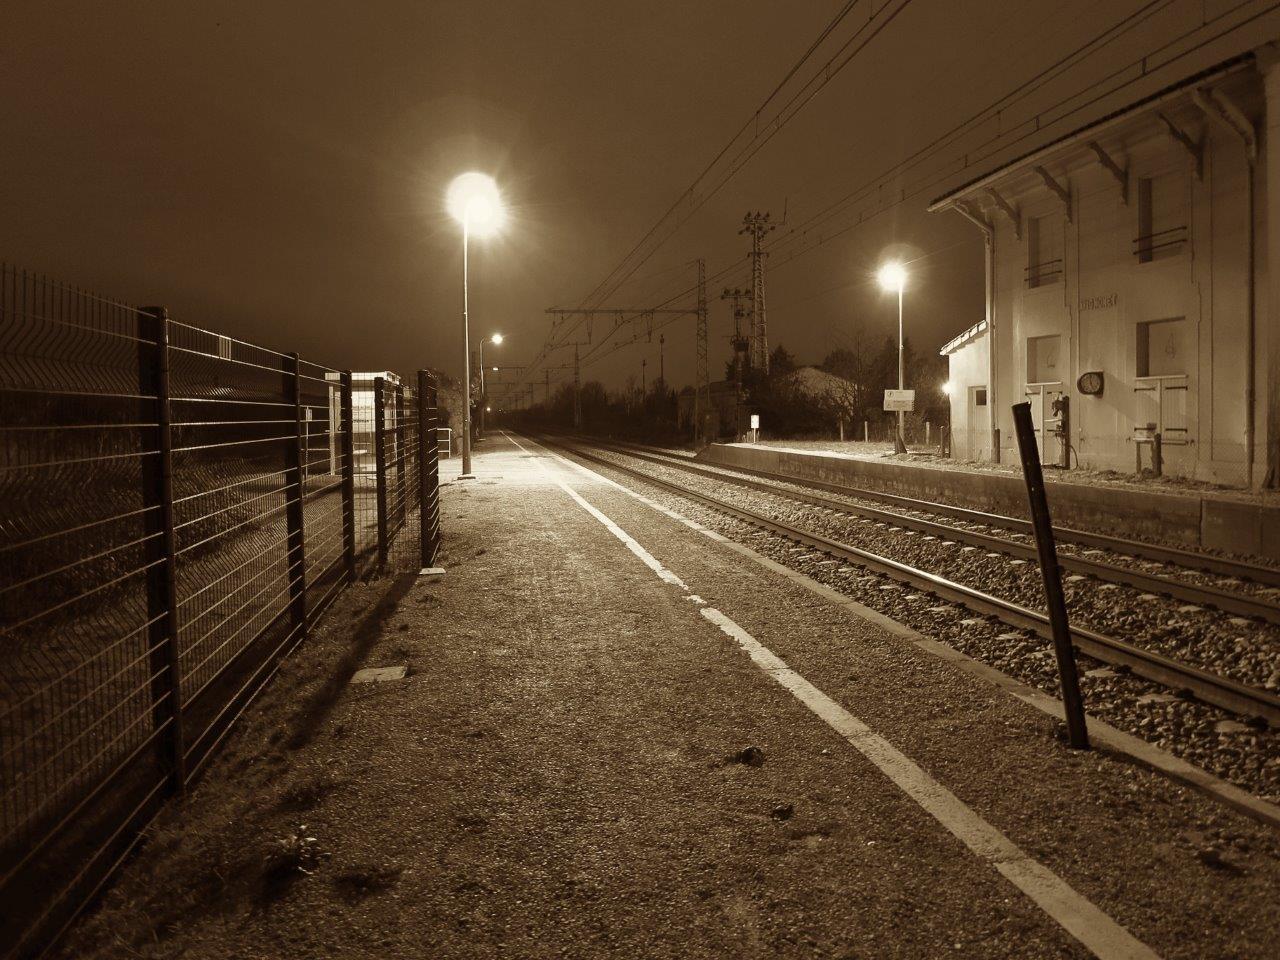 gare-d-avignonet-train-station